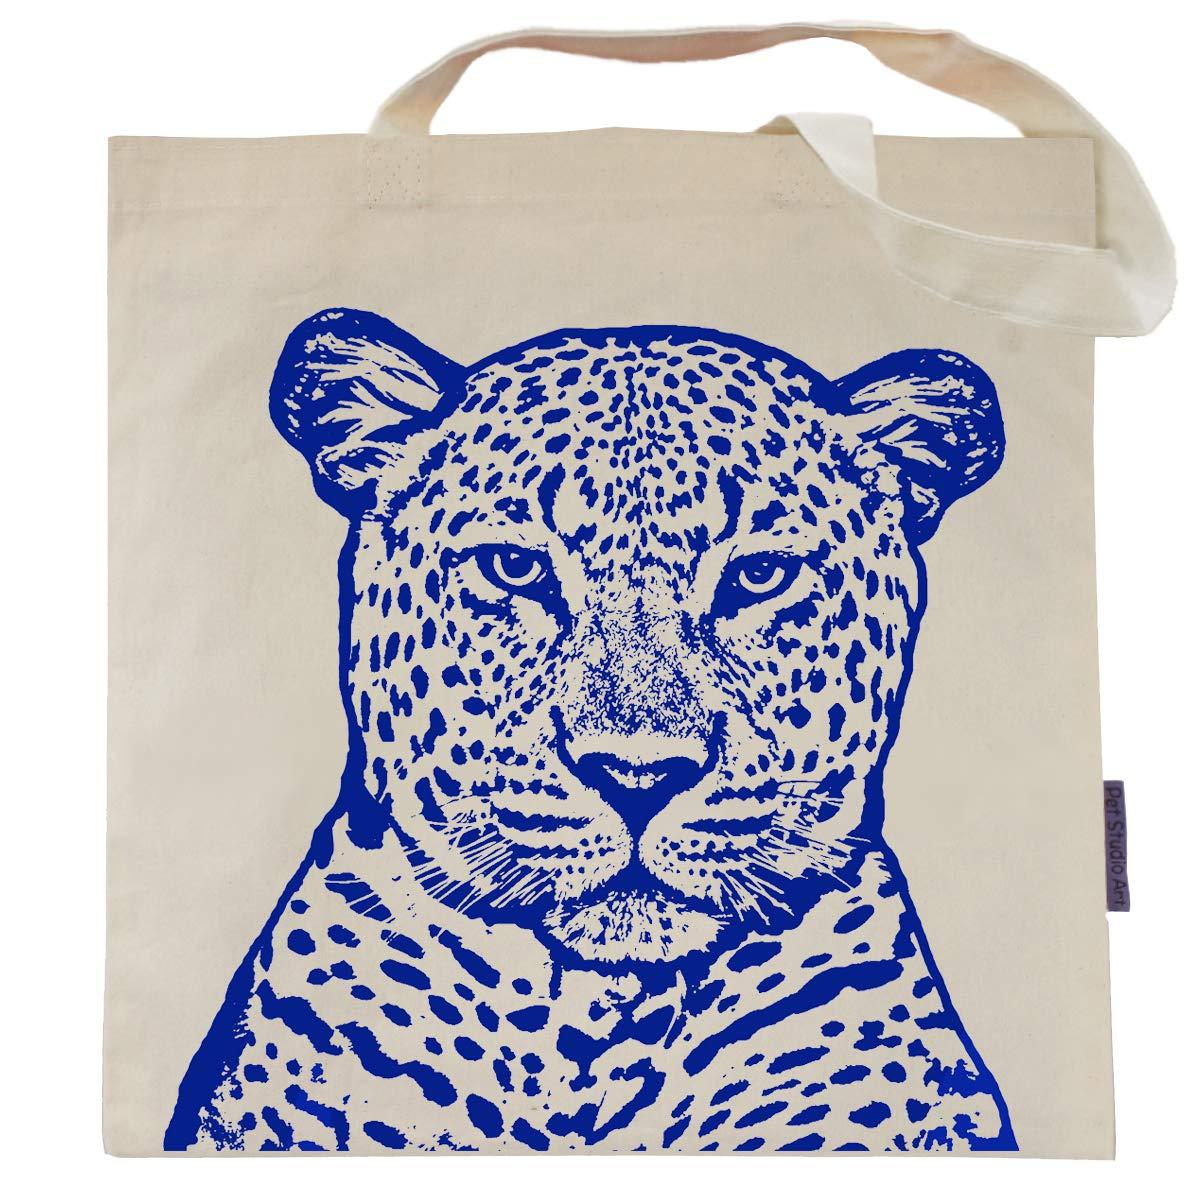 お見舞い Pet Studio Leopard Art レディース B071DFKKNQ The Studio B071DFKKNQ Leopard Tote Bag The Leopard Tote Bag, BRANDBRAND:590eeee9 --- arianechie.dominiotemporario.com